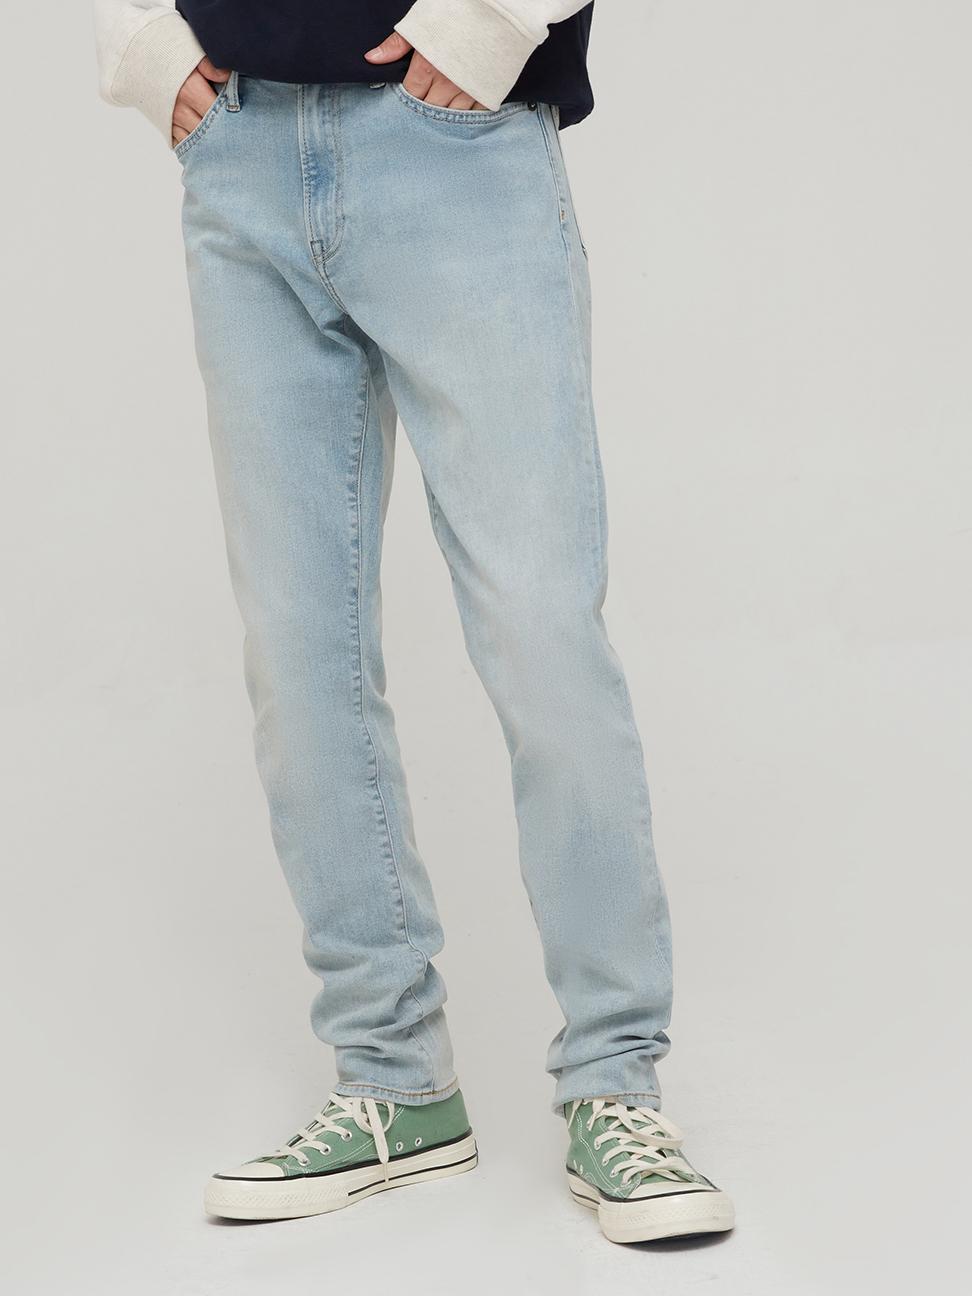 男裝 淺色水洗中腰修身款牛仔褲